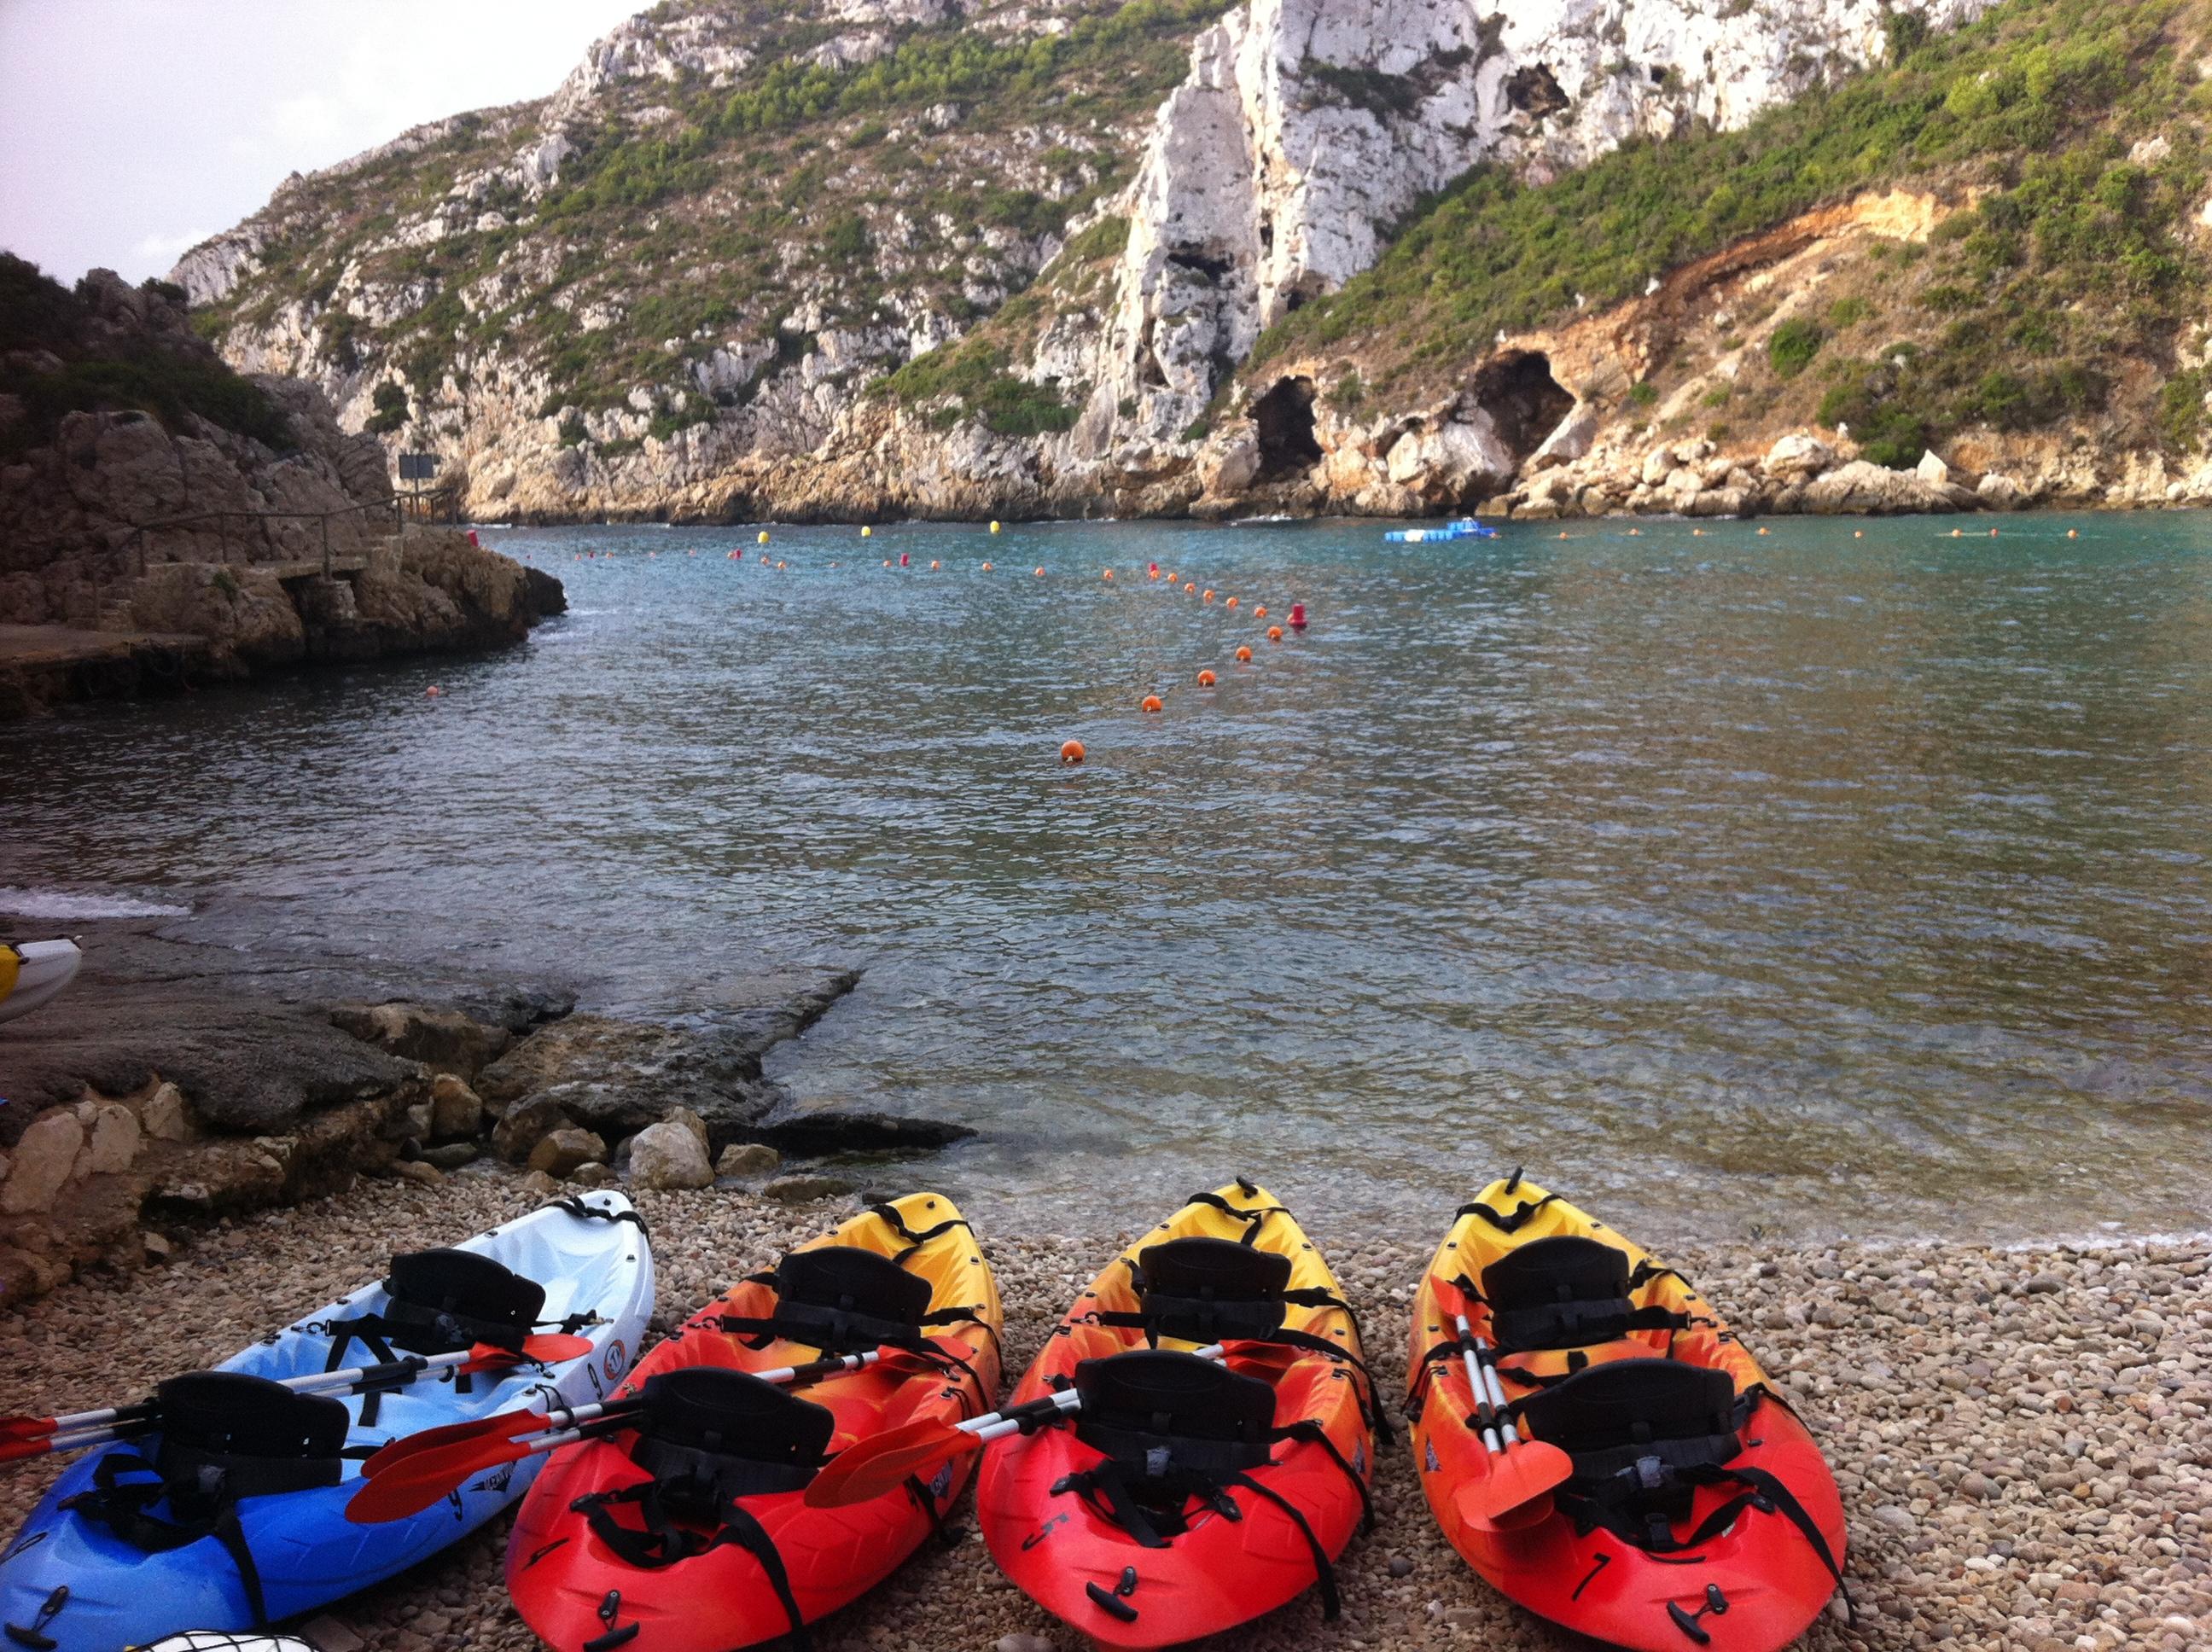 Canoa en la Cala Granadella de Jávea... una de las más bonitas playas de España